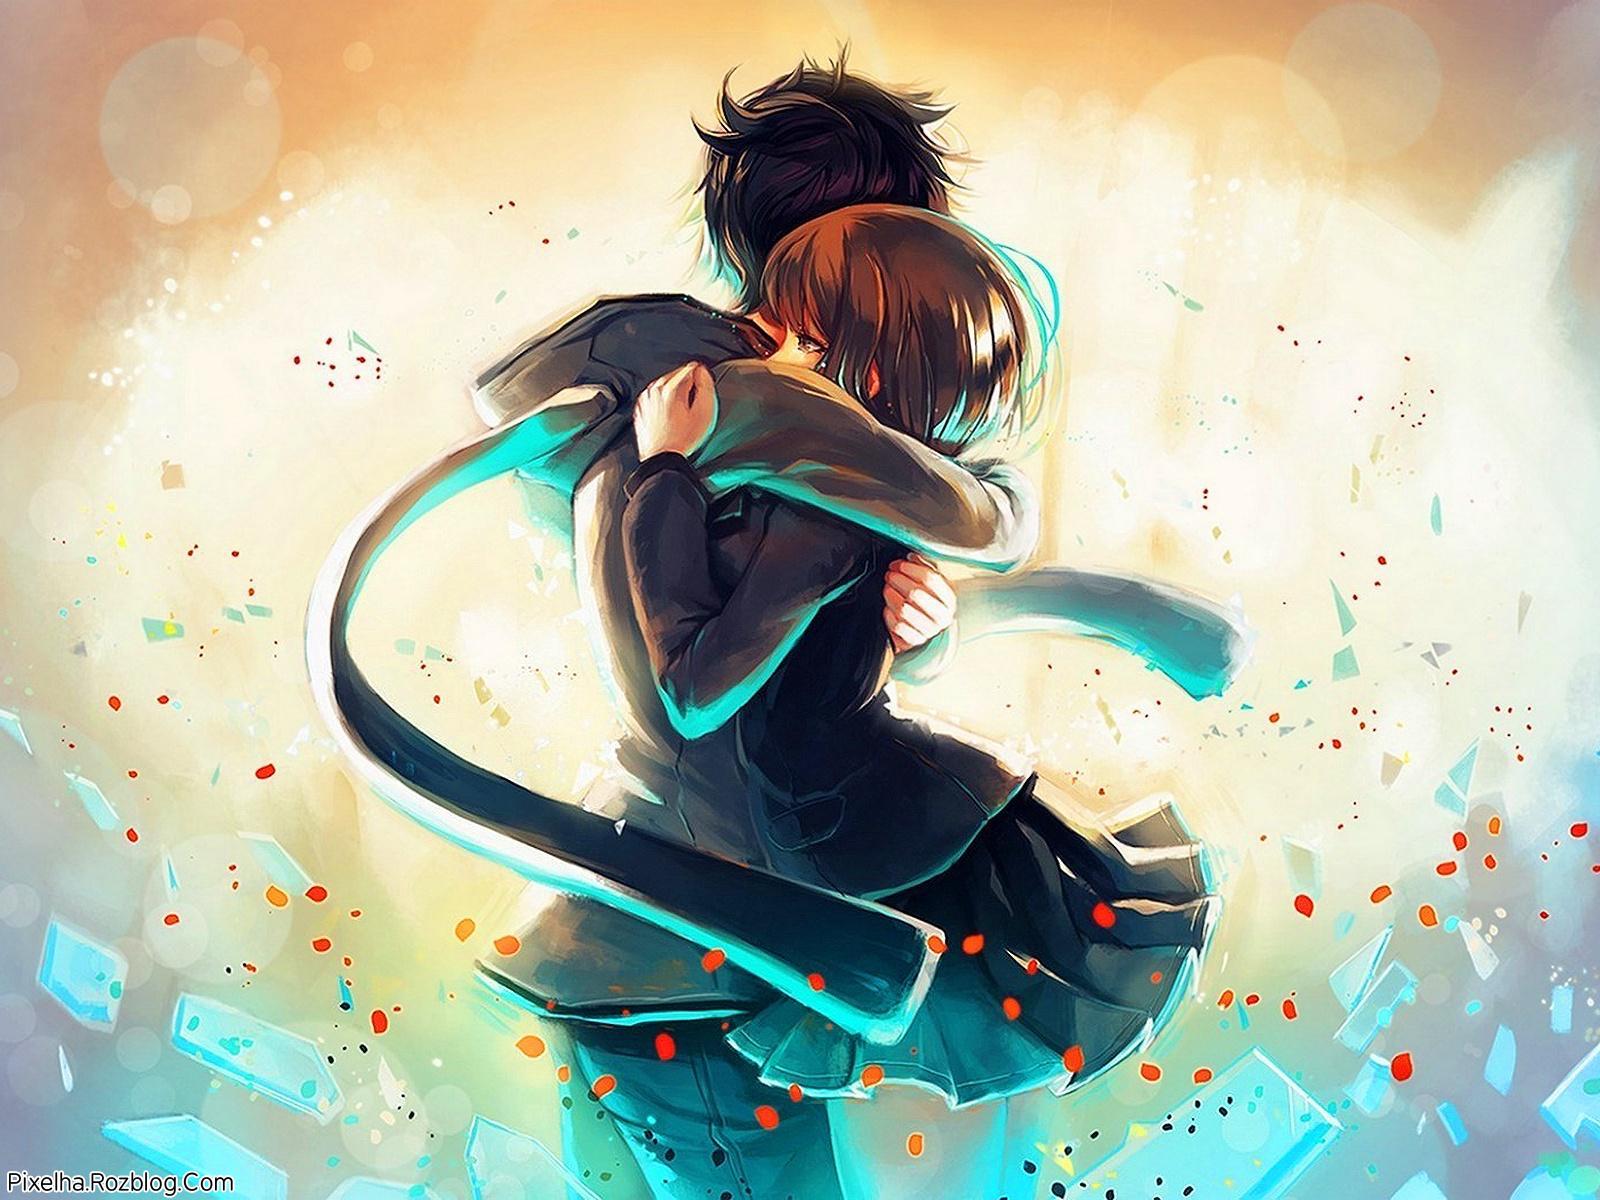 عکس کارتونی دختر و پسر عاشق در آغوش هم